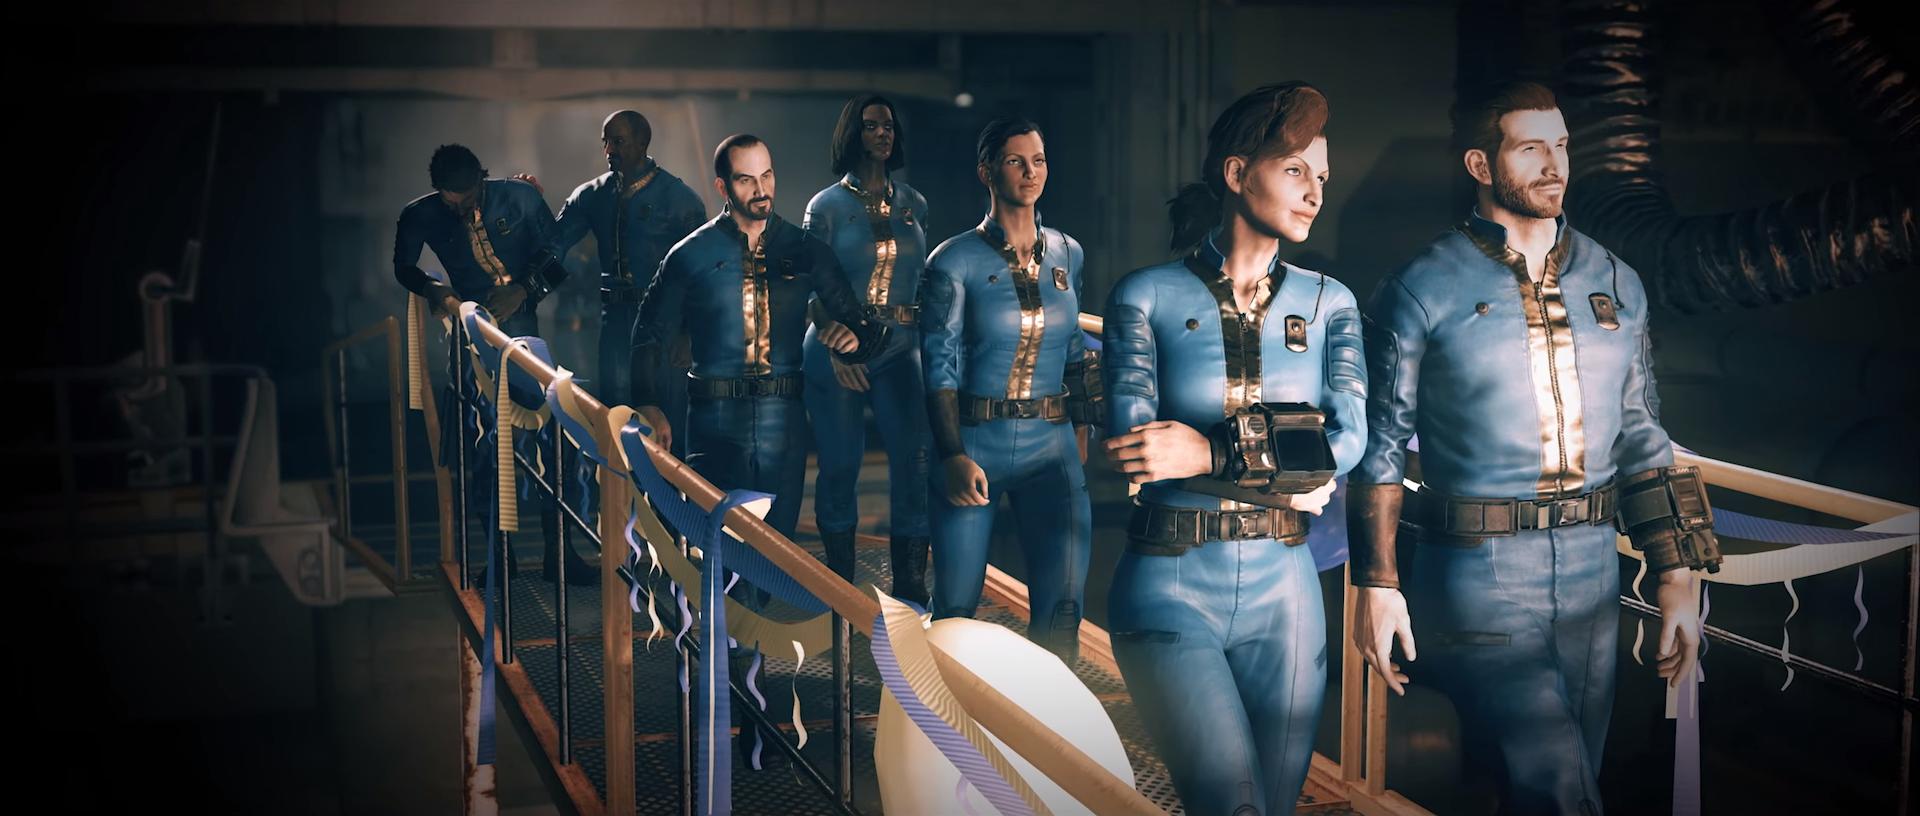 Парень из телефона аккаунт 2/Главный герой Fallout 76